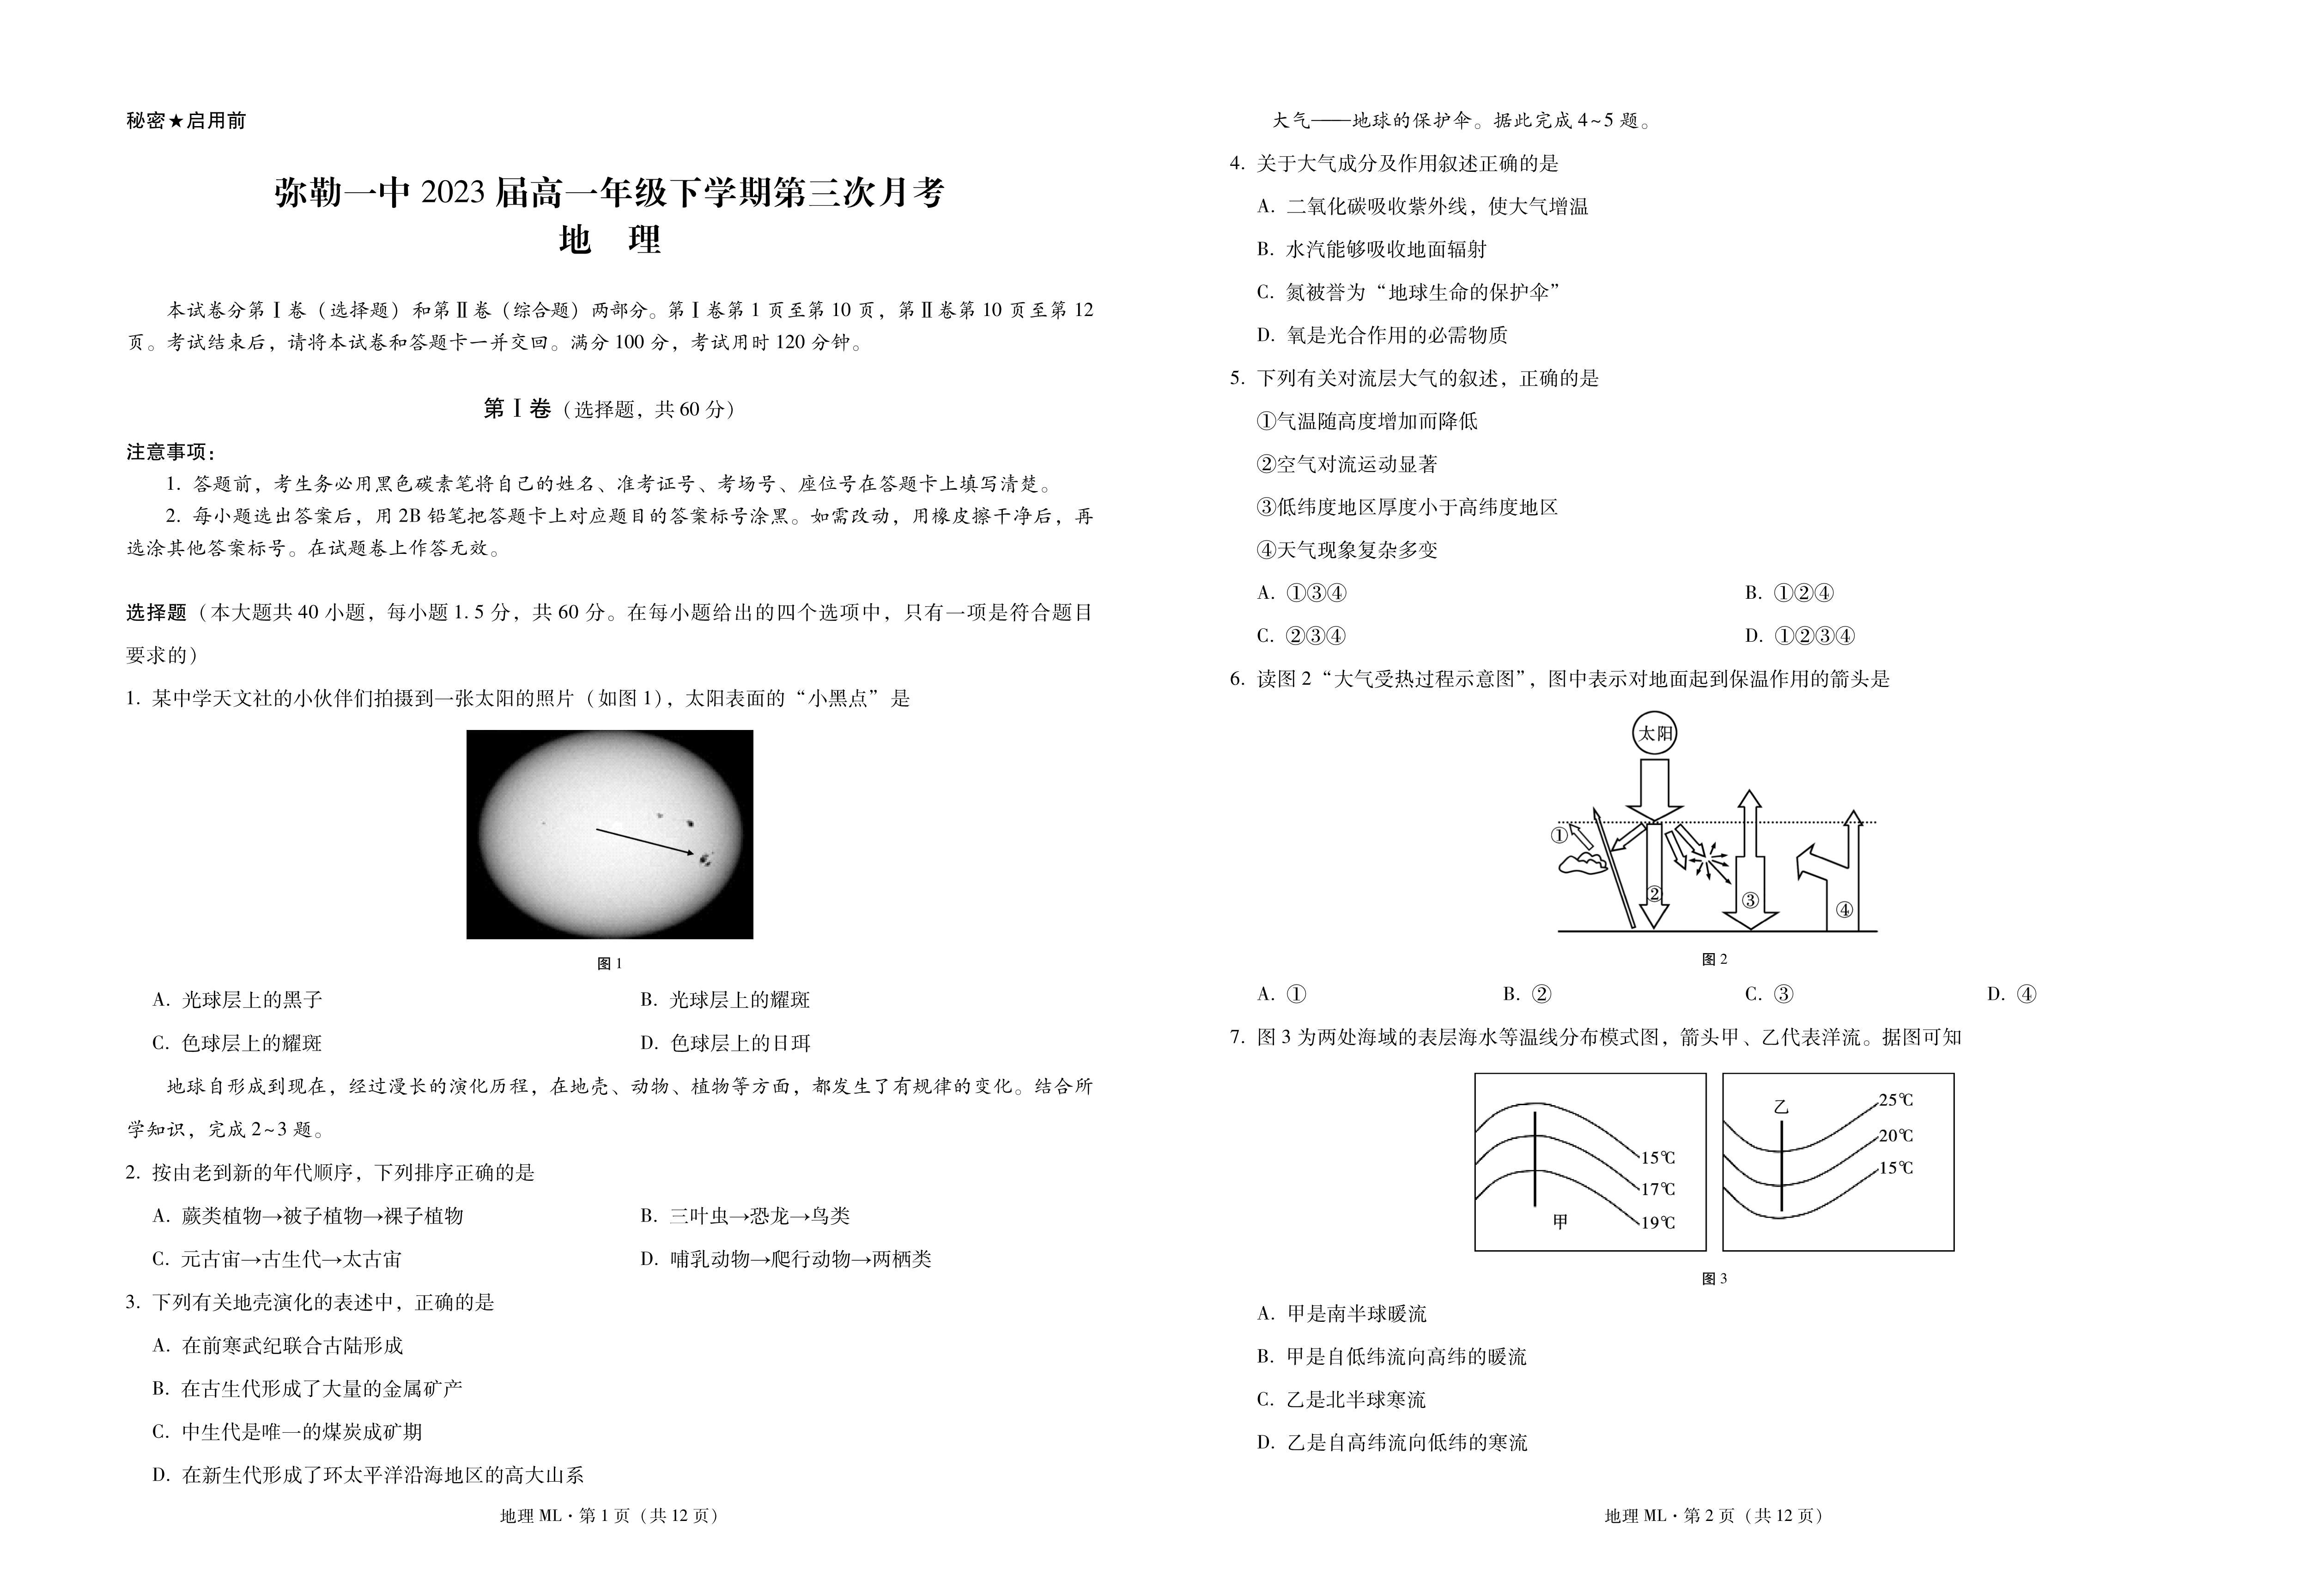 云南省大理市部分学校2020-2021学年高一下学期6月月考地理试题 扫描版含答案